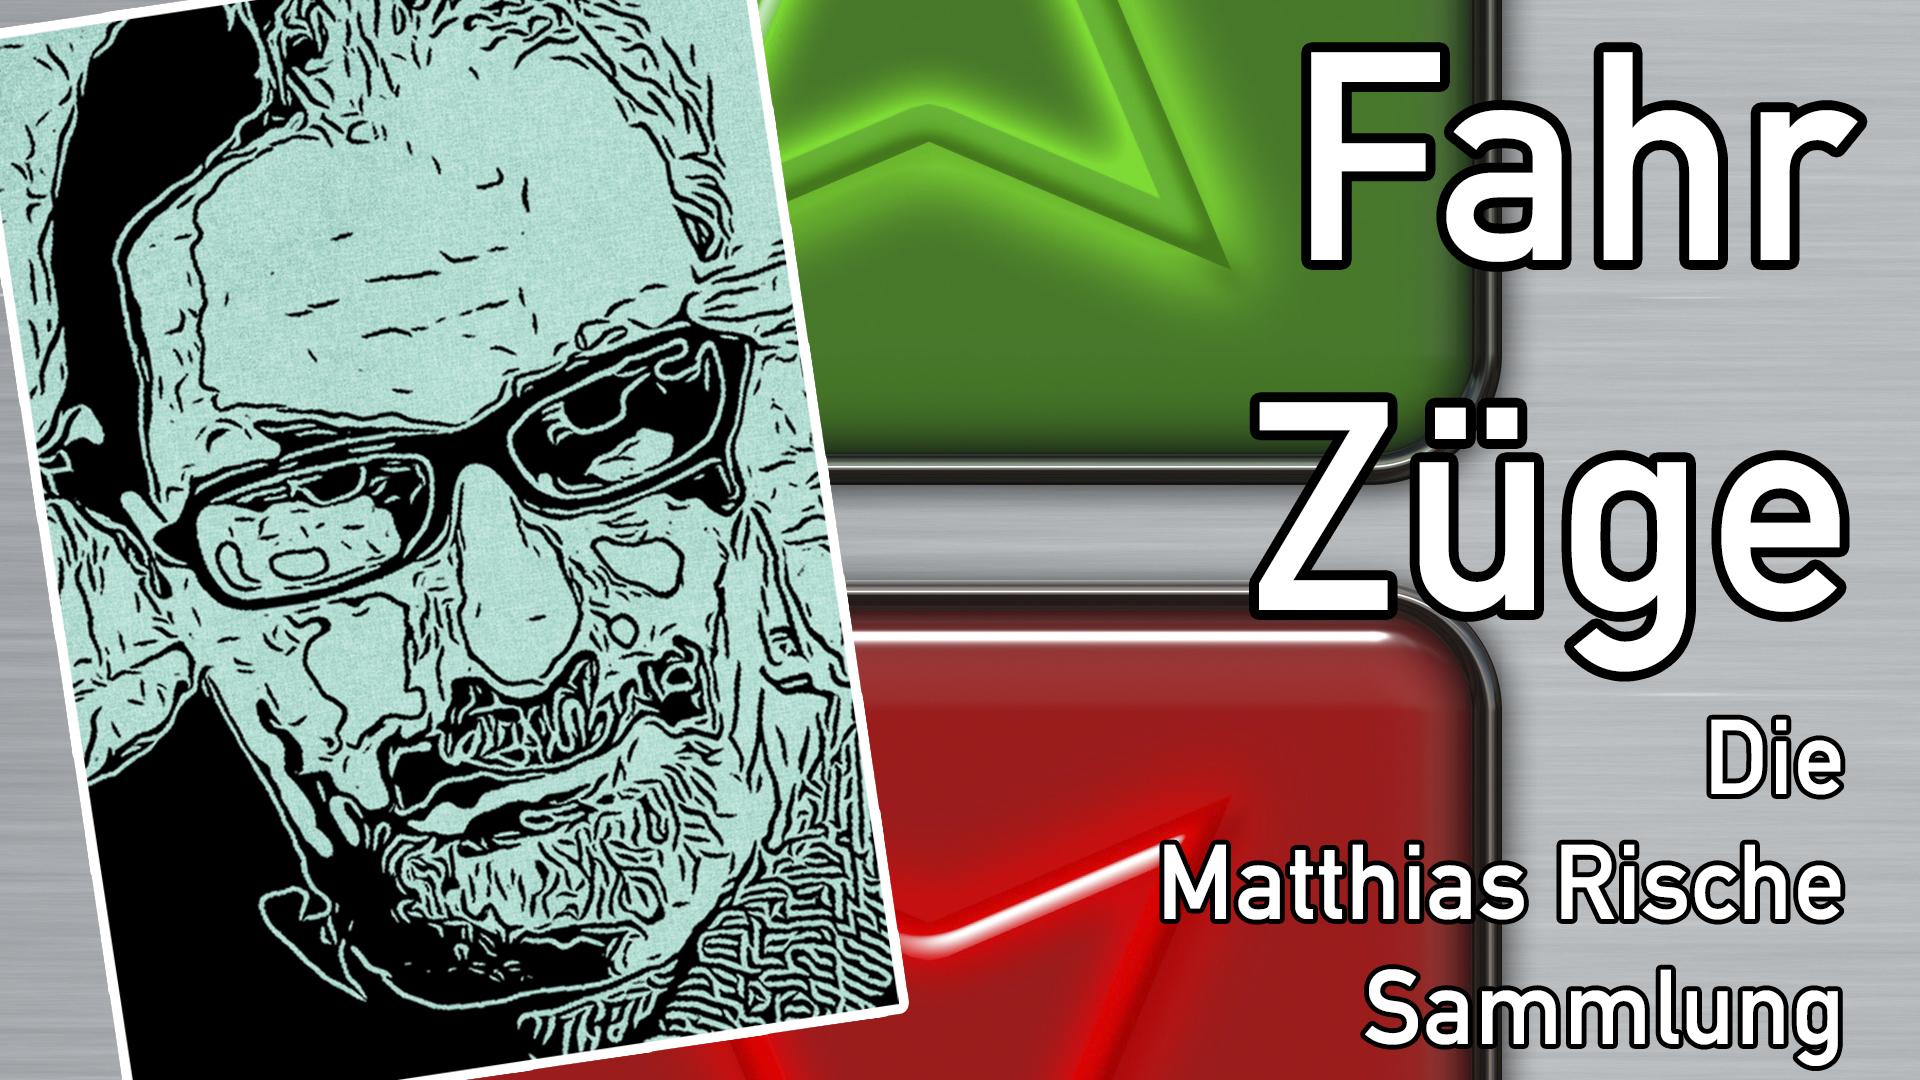 FahrZüge – Die Matthias Rische Sammlung